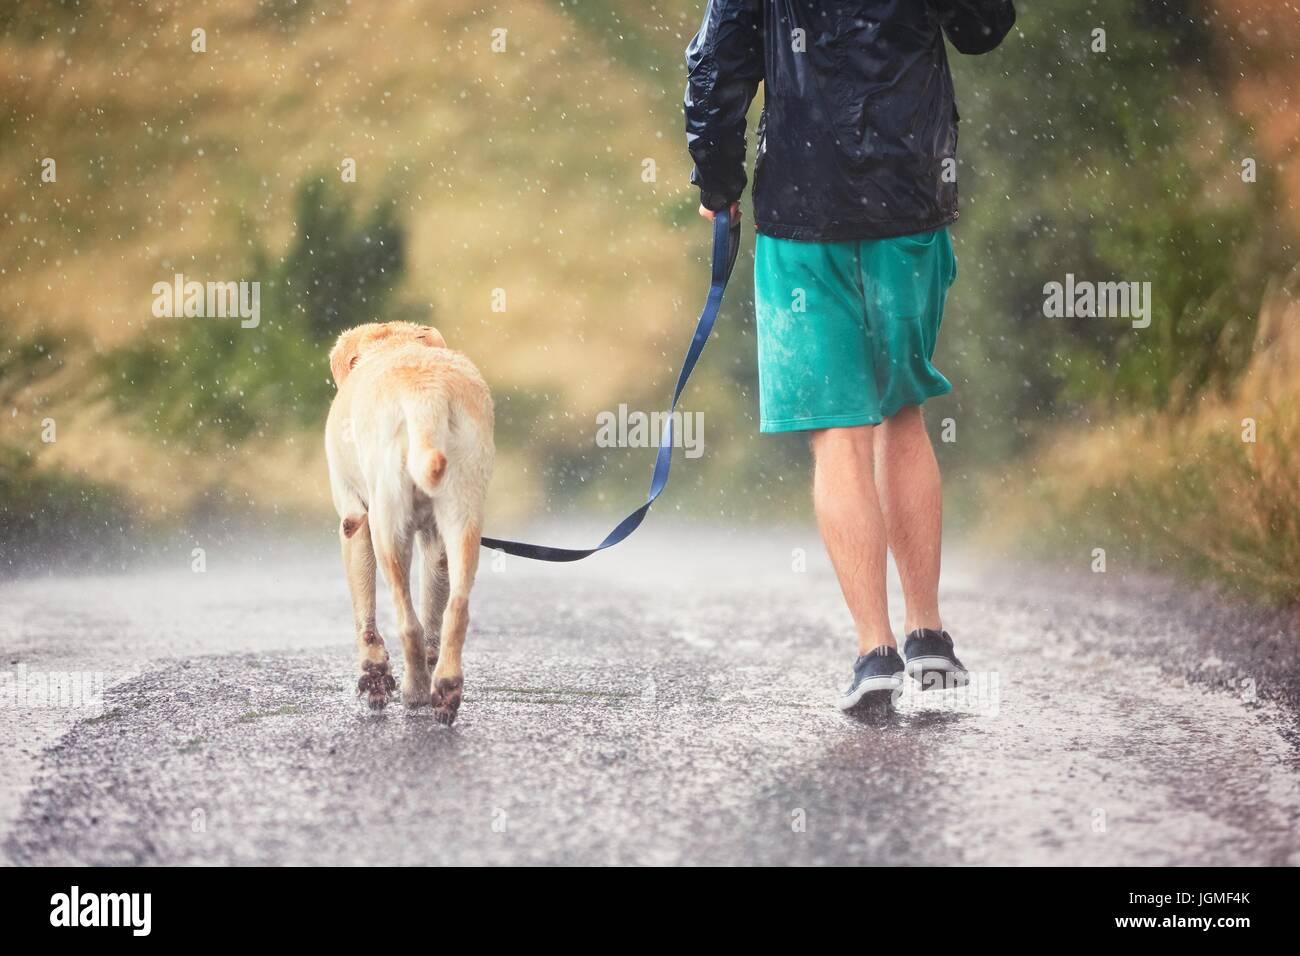 Joven corriendo con su perro (labrador retriever) en Heavy Rain en la carretera rural. Imagen De Stock